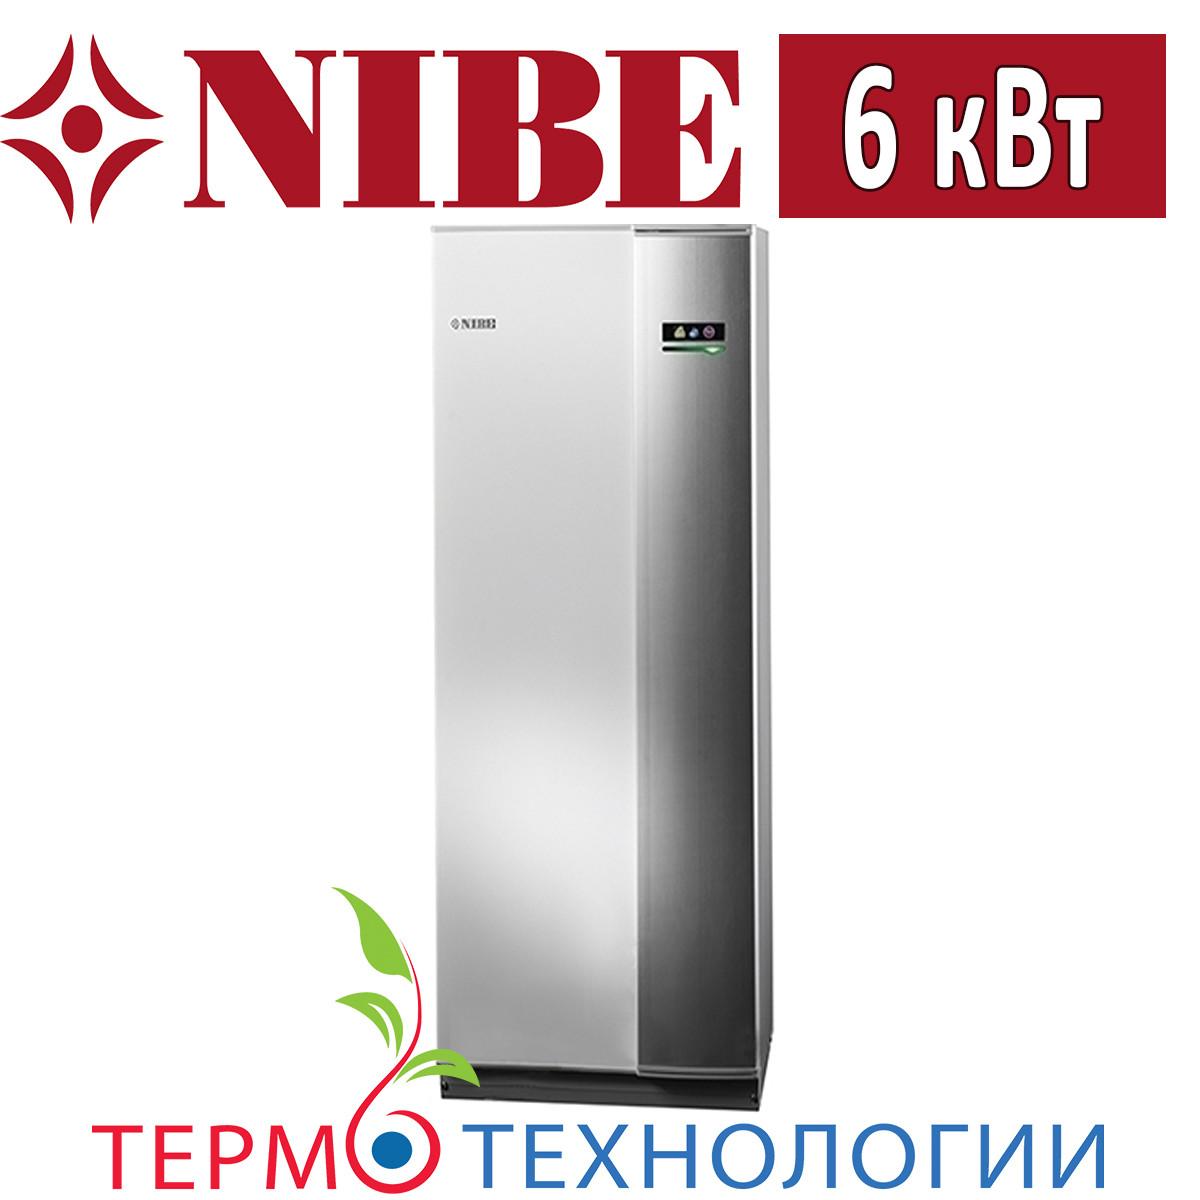 Тепловой насос грунт-вода Nibe F1245-6 R PC 6 кВт, 380 В